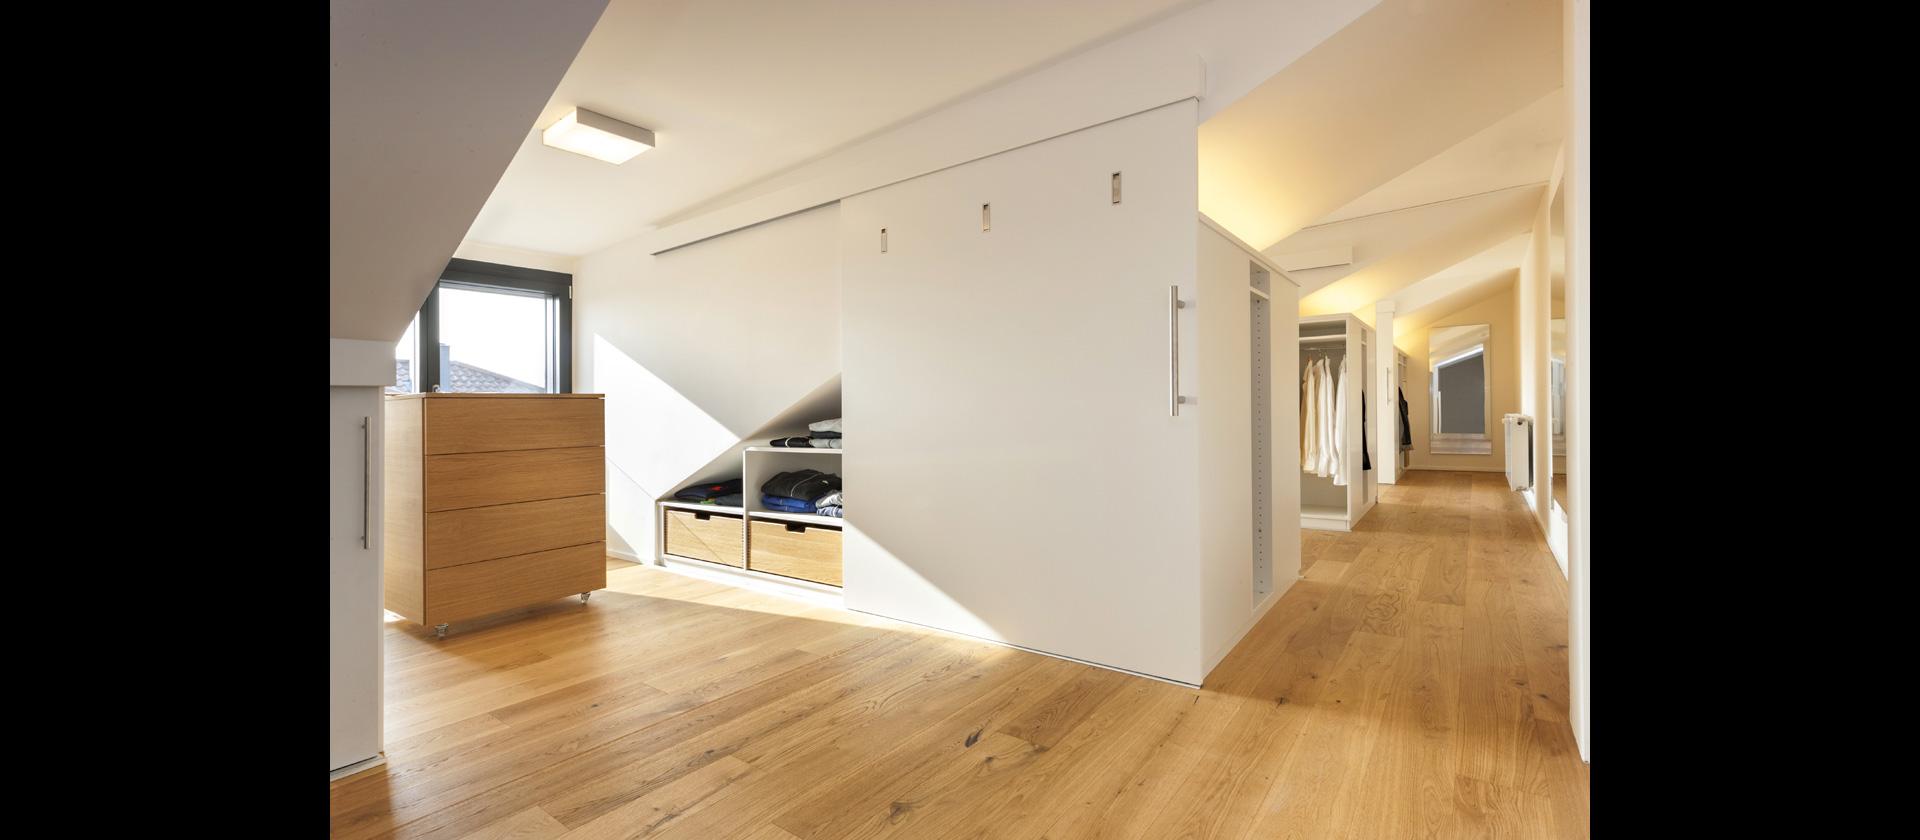 Möbel Für Ankleidezimmer planung ankleidezimmer mit möbeltreppe maßanfertigung